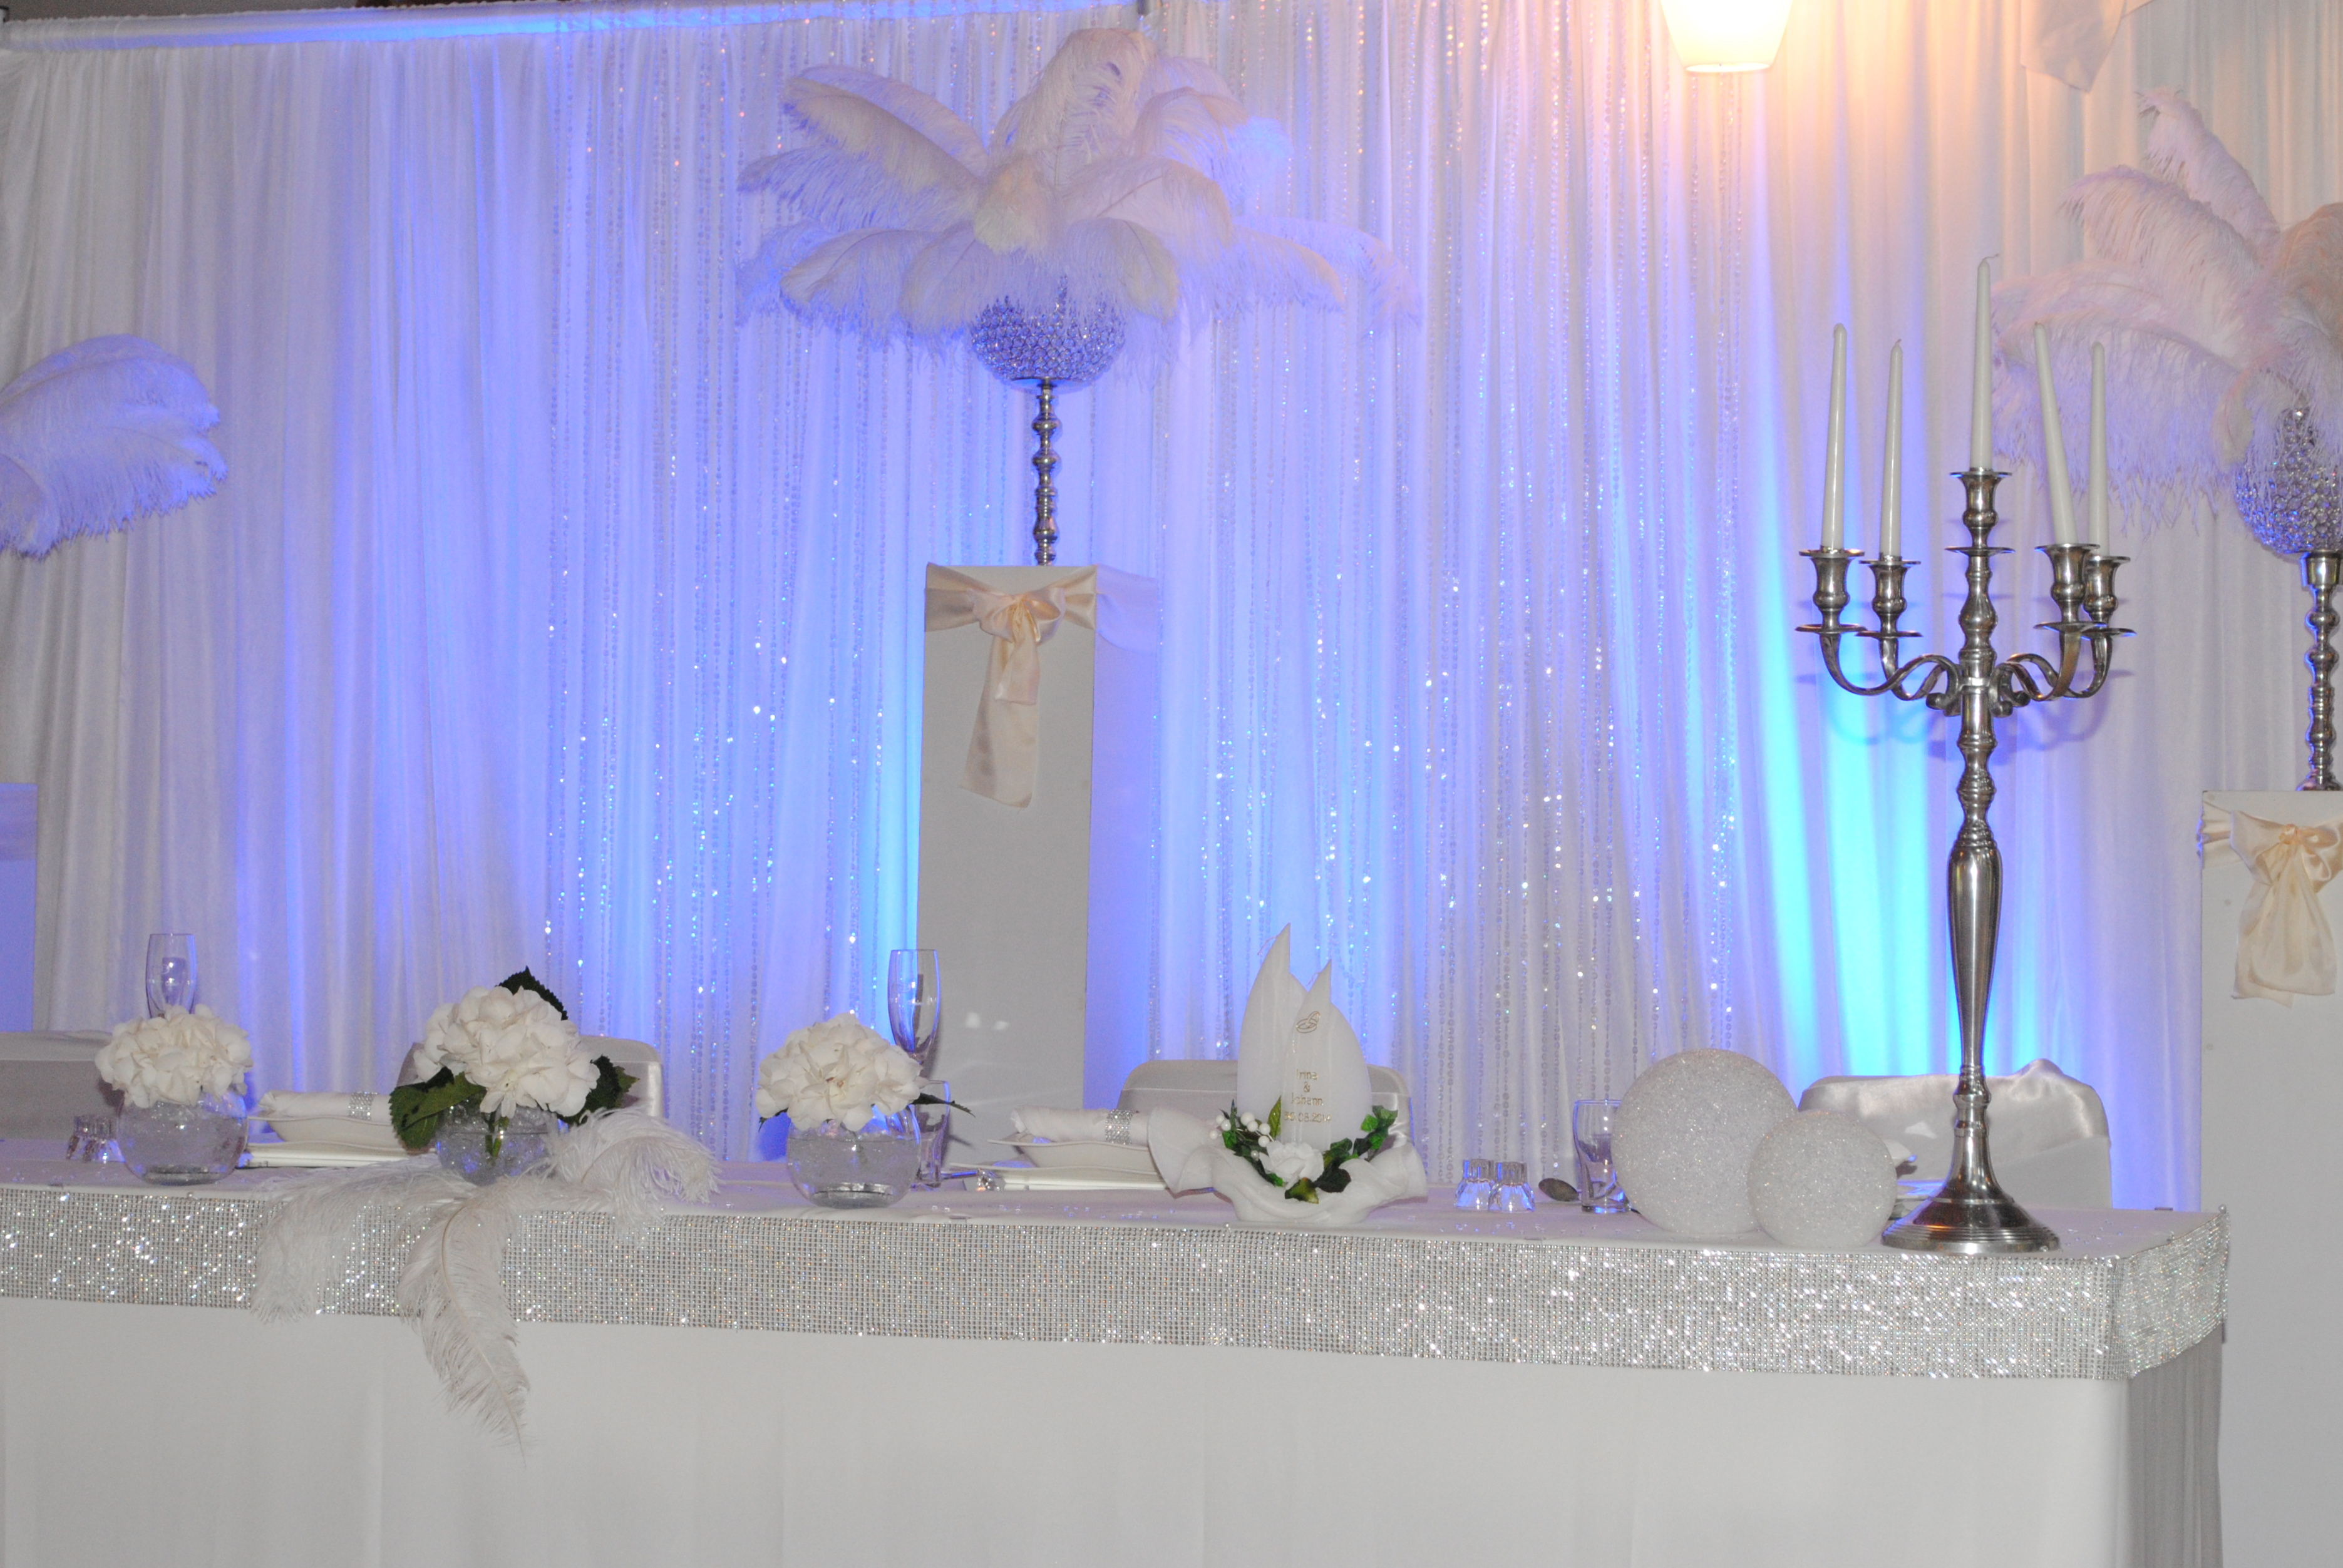 Hochzeitsdeko mieten verleih und dekoration for Dekoration mieten